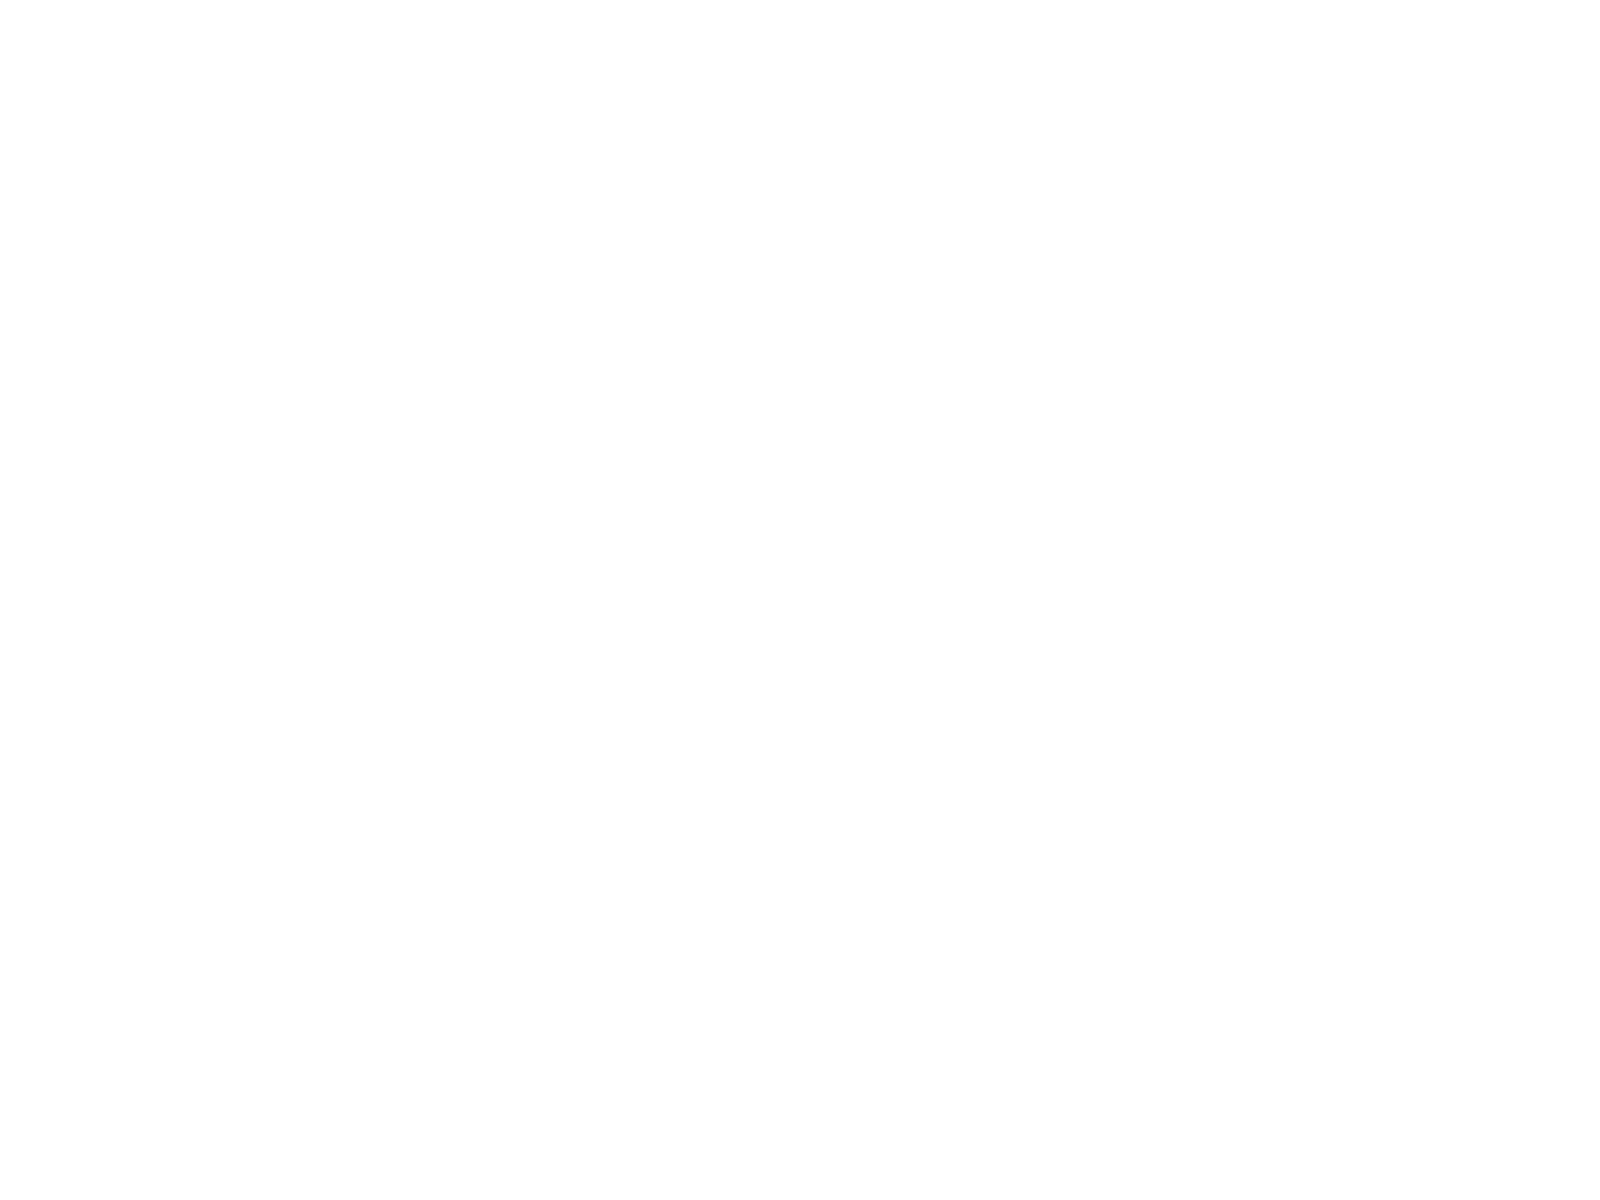 Βιοφωτόνια: Η ακτινοβολία της ζωής